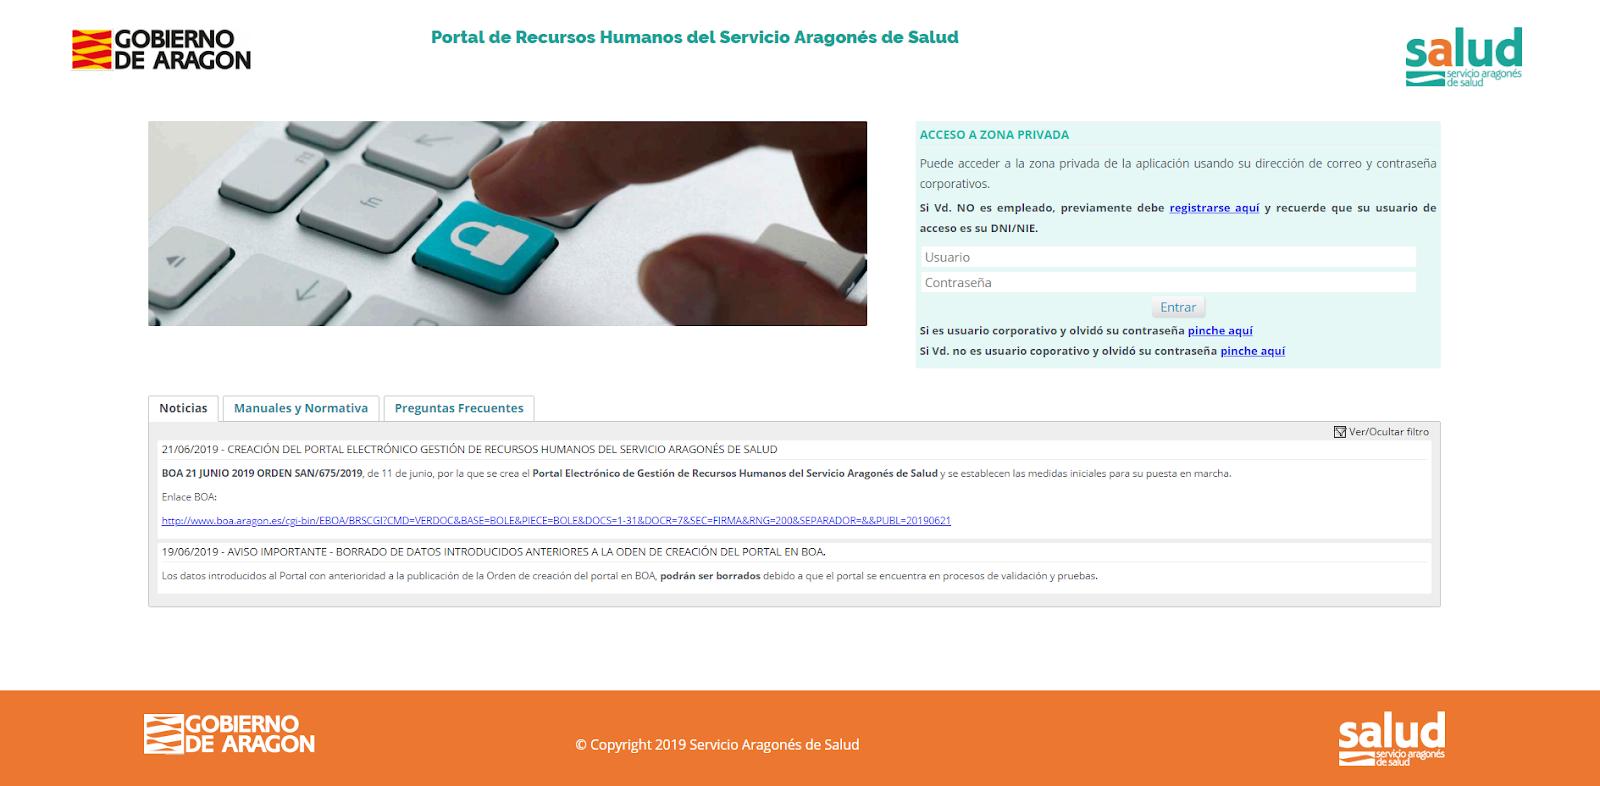 Nuevo portal de Recursos Humanos del SALUD